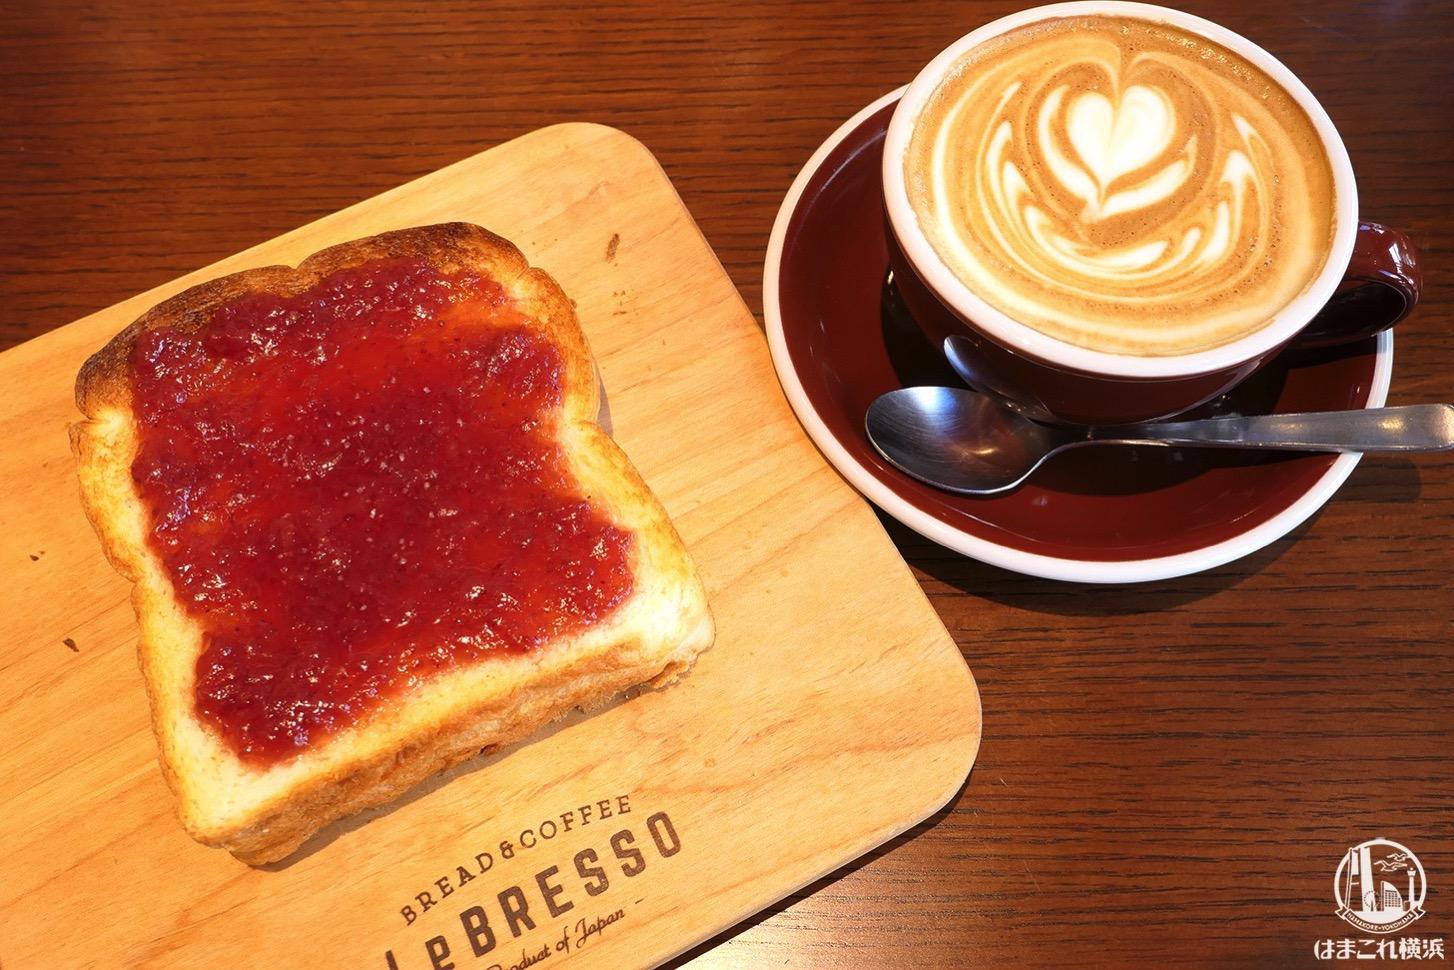 レブレッソ 横浜元町店、朝食再訪!あまおういちごジャムのトースト食べて来た